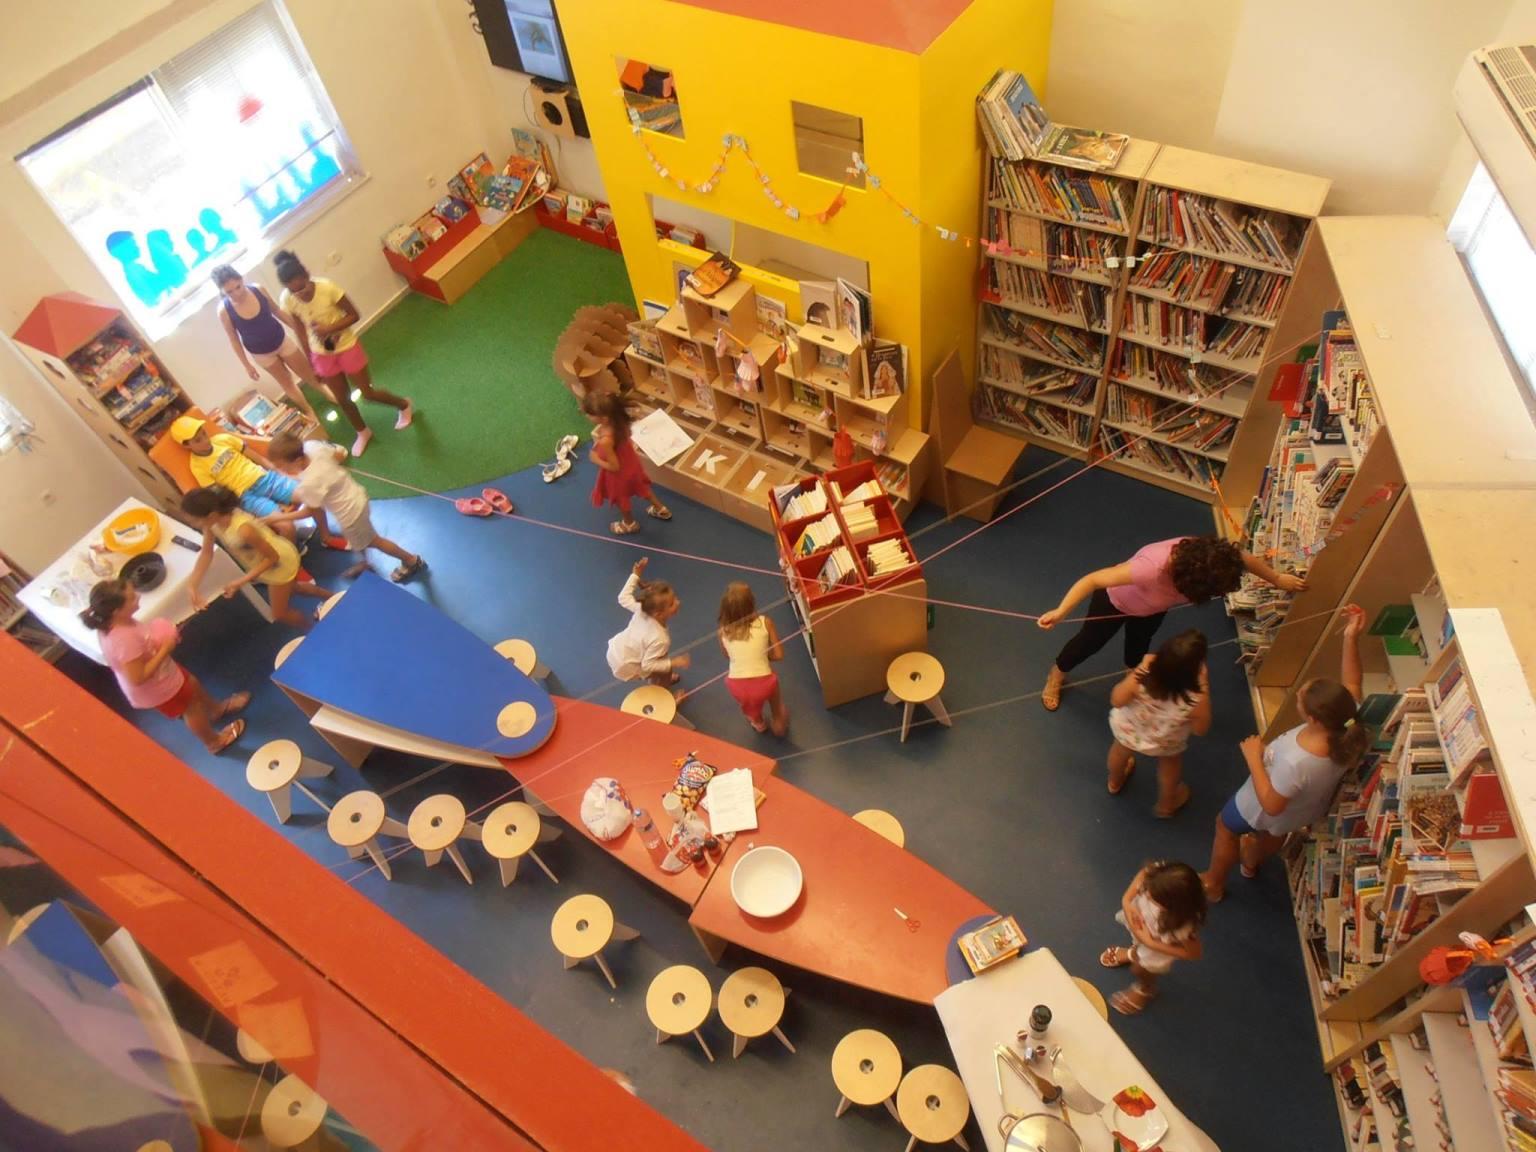 Παιδική Βιβλιοθήκη Συνοικισμού Καραμπουρνάκι